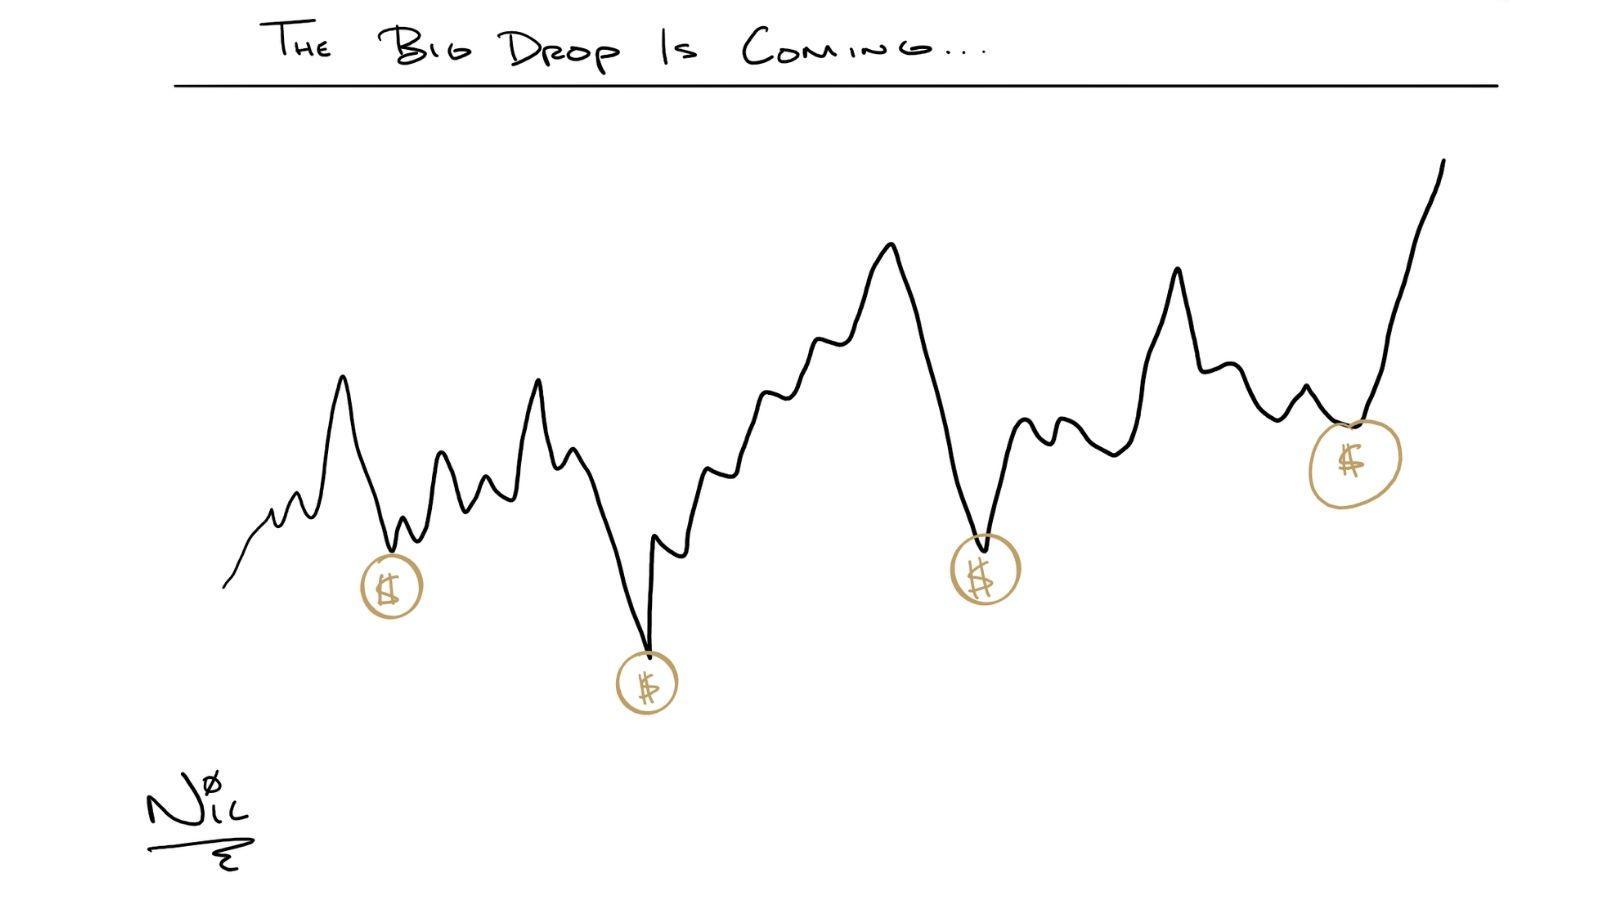 drop is coming